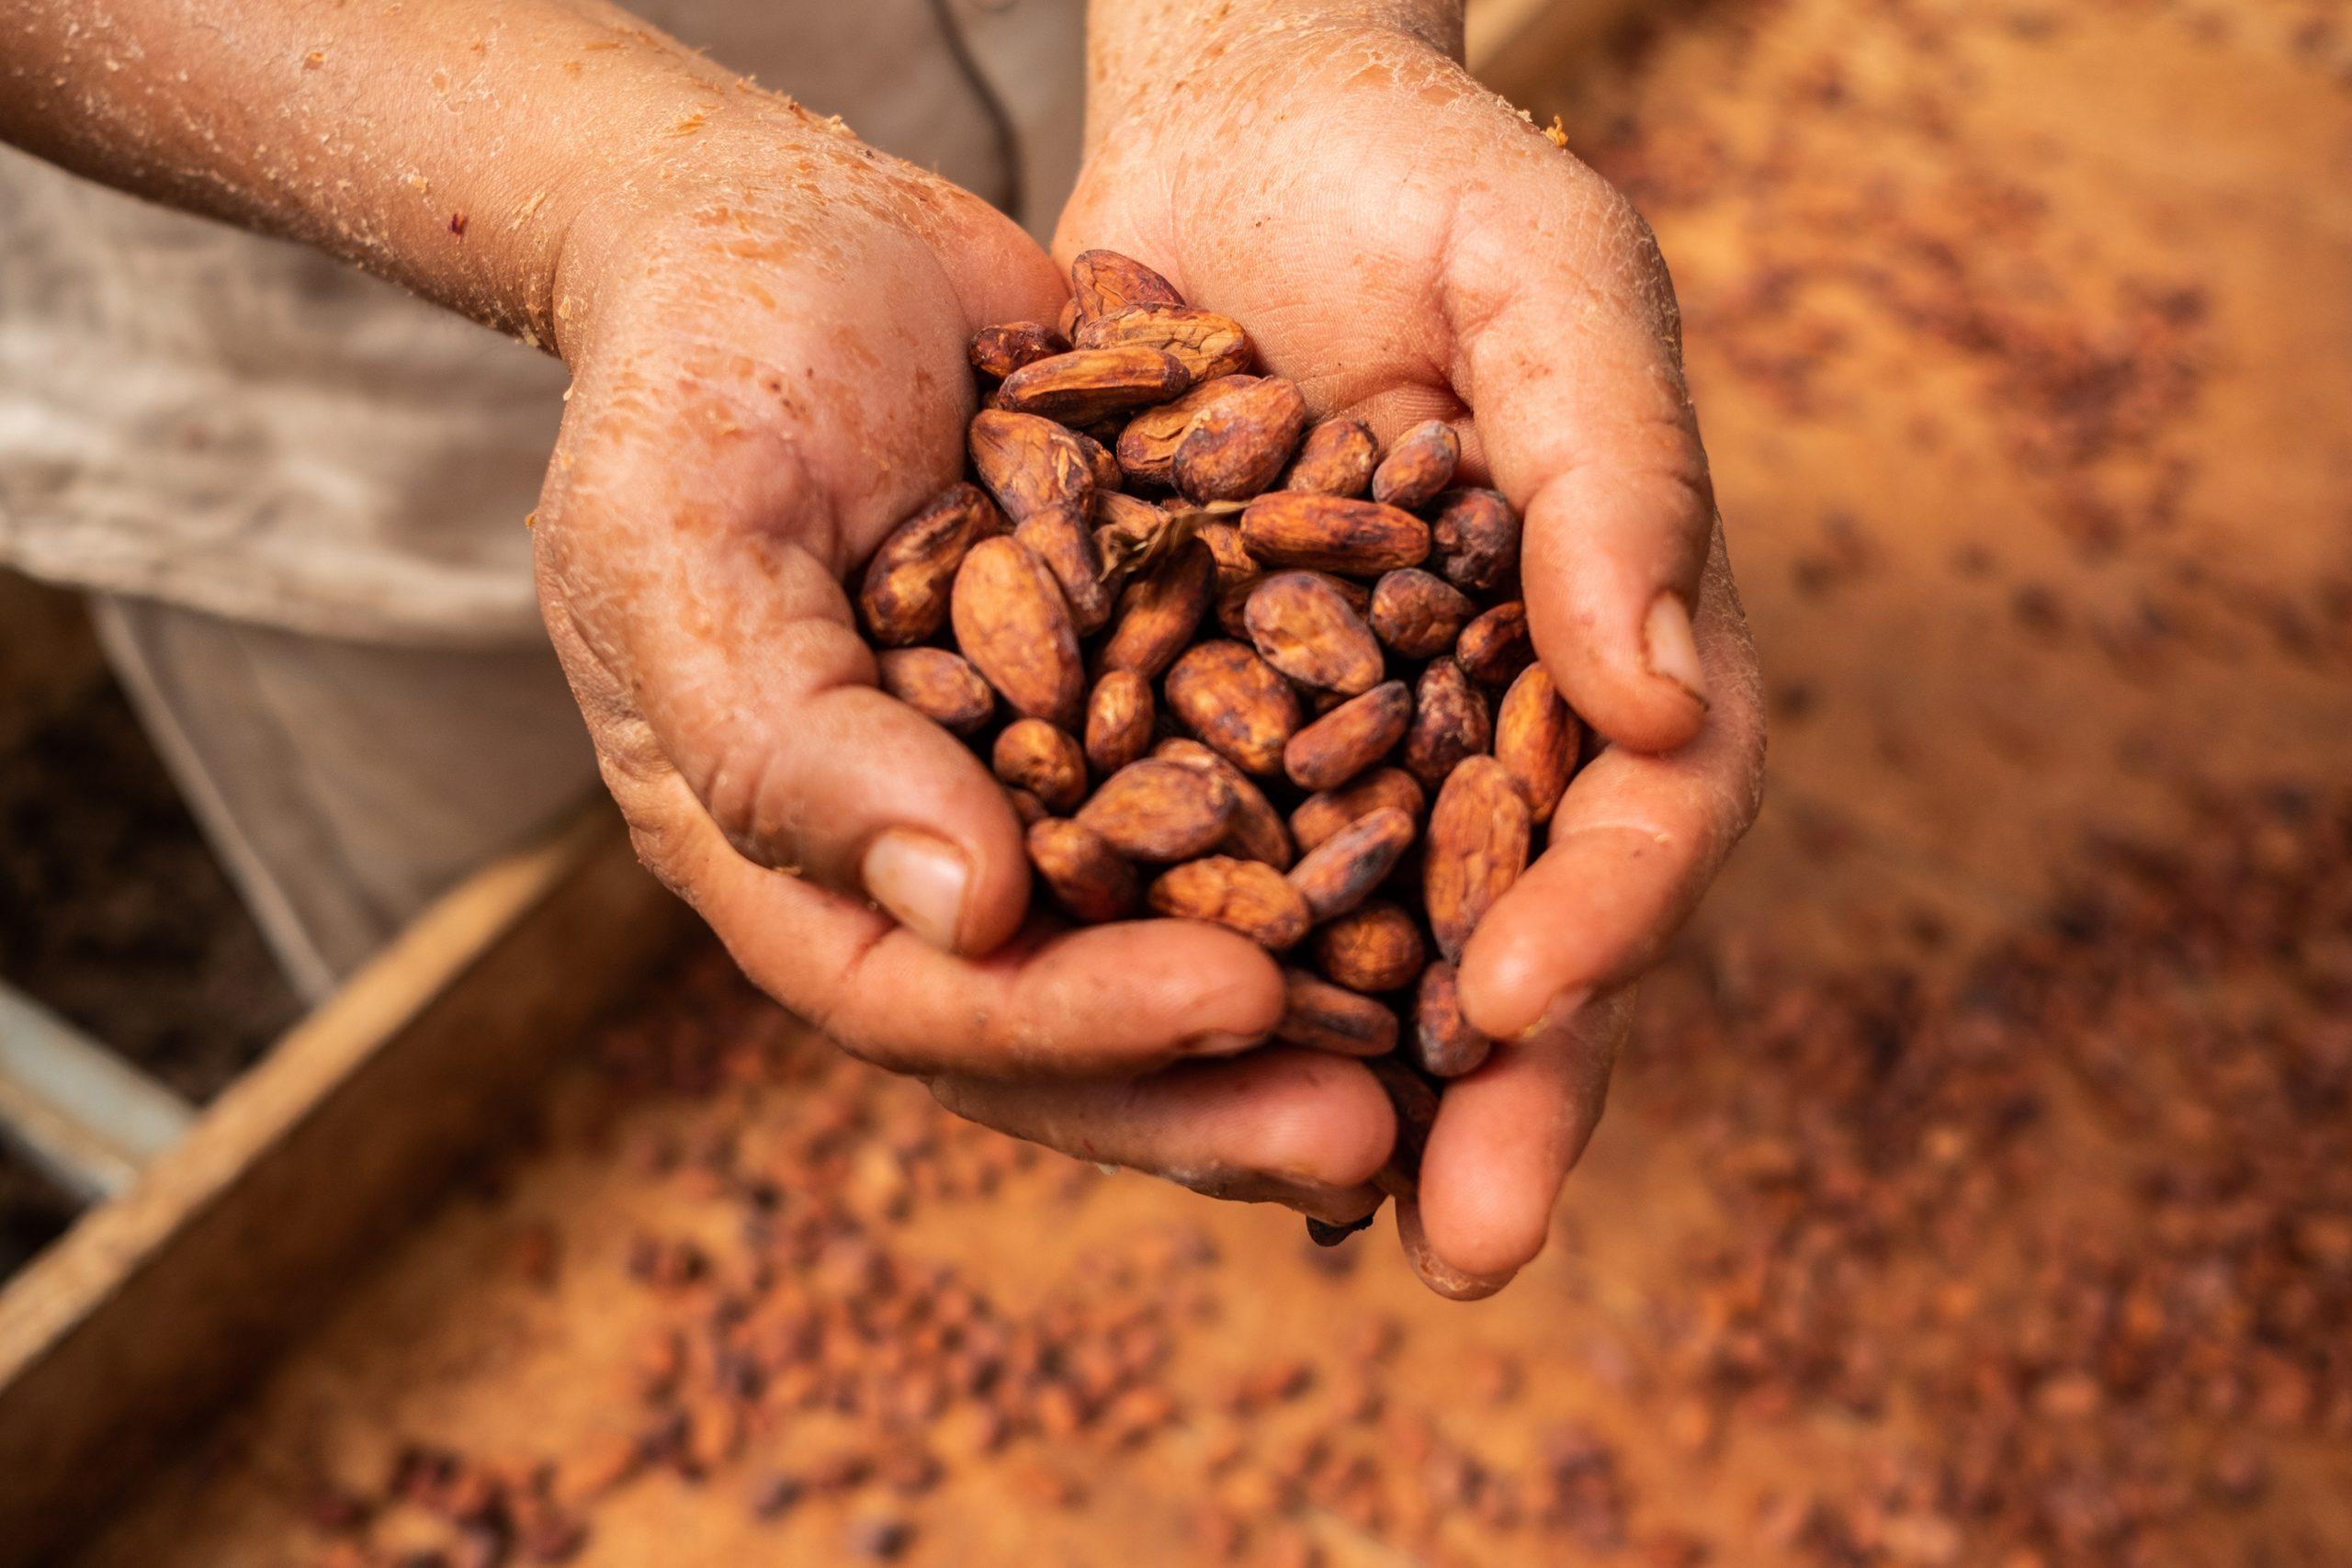 世界のチョコ原料の1%を100人で生産する工場